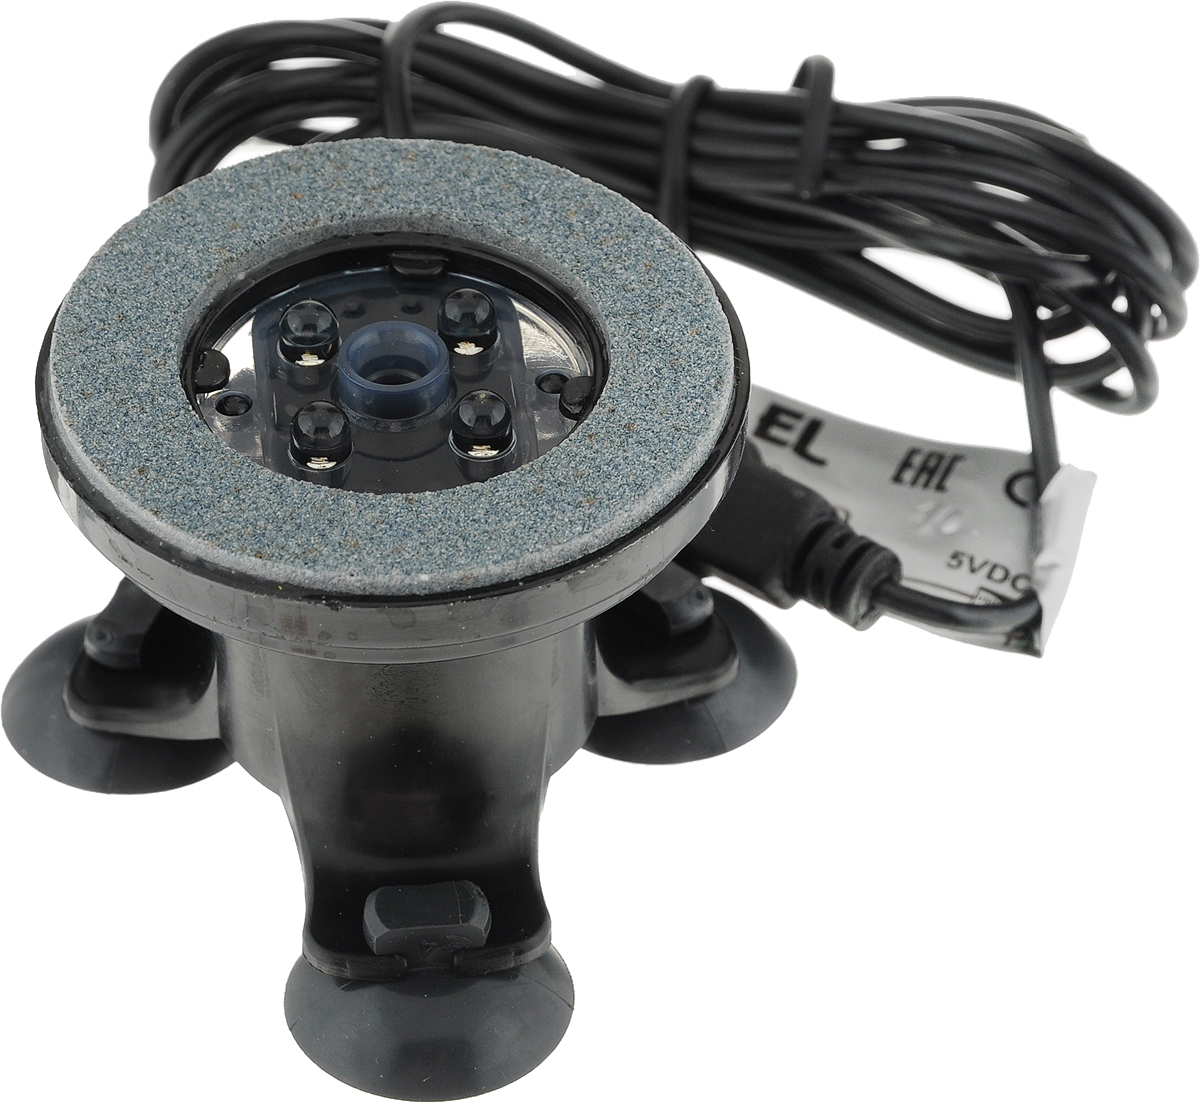 Распылитель воздуха для аквариума Aquael Air Lights Led, с подсветкой, 1 Вт110341Aquael Air Lights Led – оригинальный распылитель в виде подводной декорации, оснащенный светодиодами. Внешний вид Aquael Air Lights Led имитирует естественные скальные образования. Внутри находится модуль с четырьмя диодами высокой яркости.В комплекте имеются три набора цветных насадок: красные, синие и зеленые. При использовании этих фильтров пузырьки воздуха, выплывающие из скалы, приобретают насыщенный цвет, выбранный вами, и создают мягкое, загадочное освещение внутри аквариума. Особенно сильный декоративный эффект достигается вечером и ночью, после отключения основного освещения в аквариуме.Так как кислород рыбам особенно необходим ночью, то с помощью Aquael Air Lights Led вы сможете превратить аквариум в оригинальный ночной светильник.Кроме декоративных качеств Aquael Air Lights Led выполняет одновременно все функции обычного компрессора. Большое количество мелких пузырьков увеличивает содержание в воде растворенного кислорода, как в результате непосредственного проникновения воздуха из пузырьков, так и в результате усиленного движения воды у поверхности и увеличения площади ее соприкосновения с атмосферным воздухом.Правильно подобранная структура распылителя защищает его от засорения и гарантирует продолжительную, бесперебойную работу без необходимости очистки.Уважаемые покупатели!Обращаем ваше внимание на тот факт, что воздушный компрессор и декоративная скала в комплект не входят и приобретаются отдельно.Мощность: 1 Вт.Тип ламп: Led.